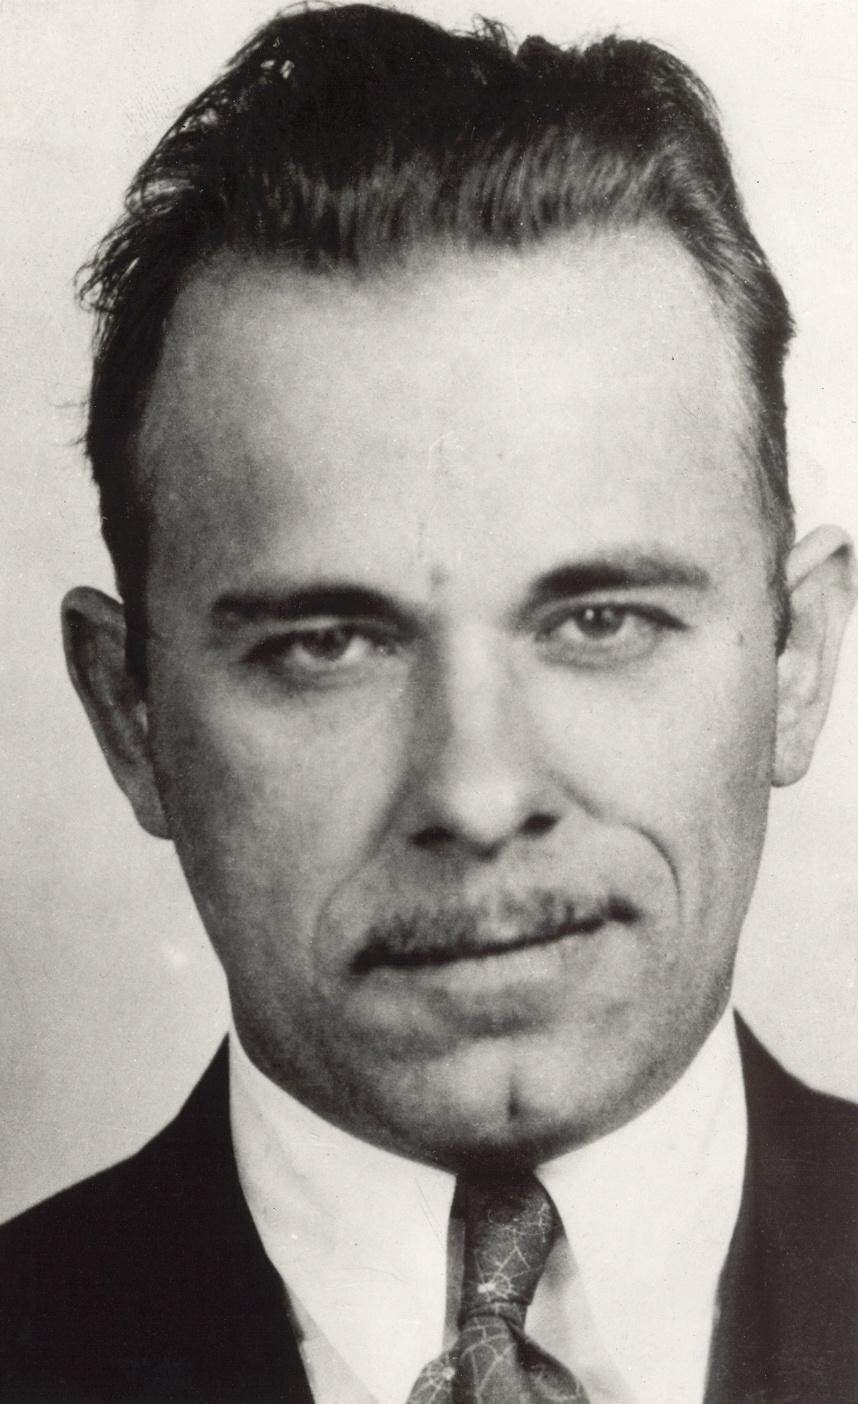 John Dillinger FBI